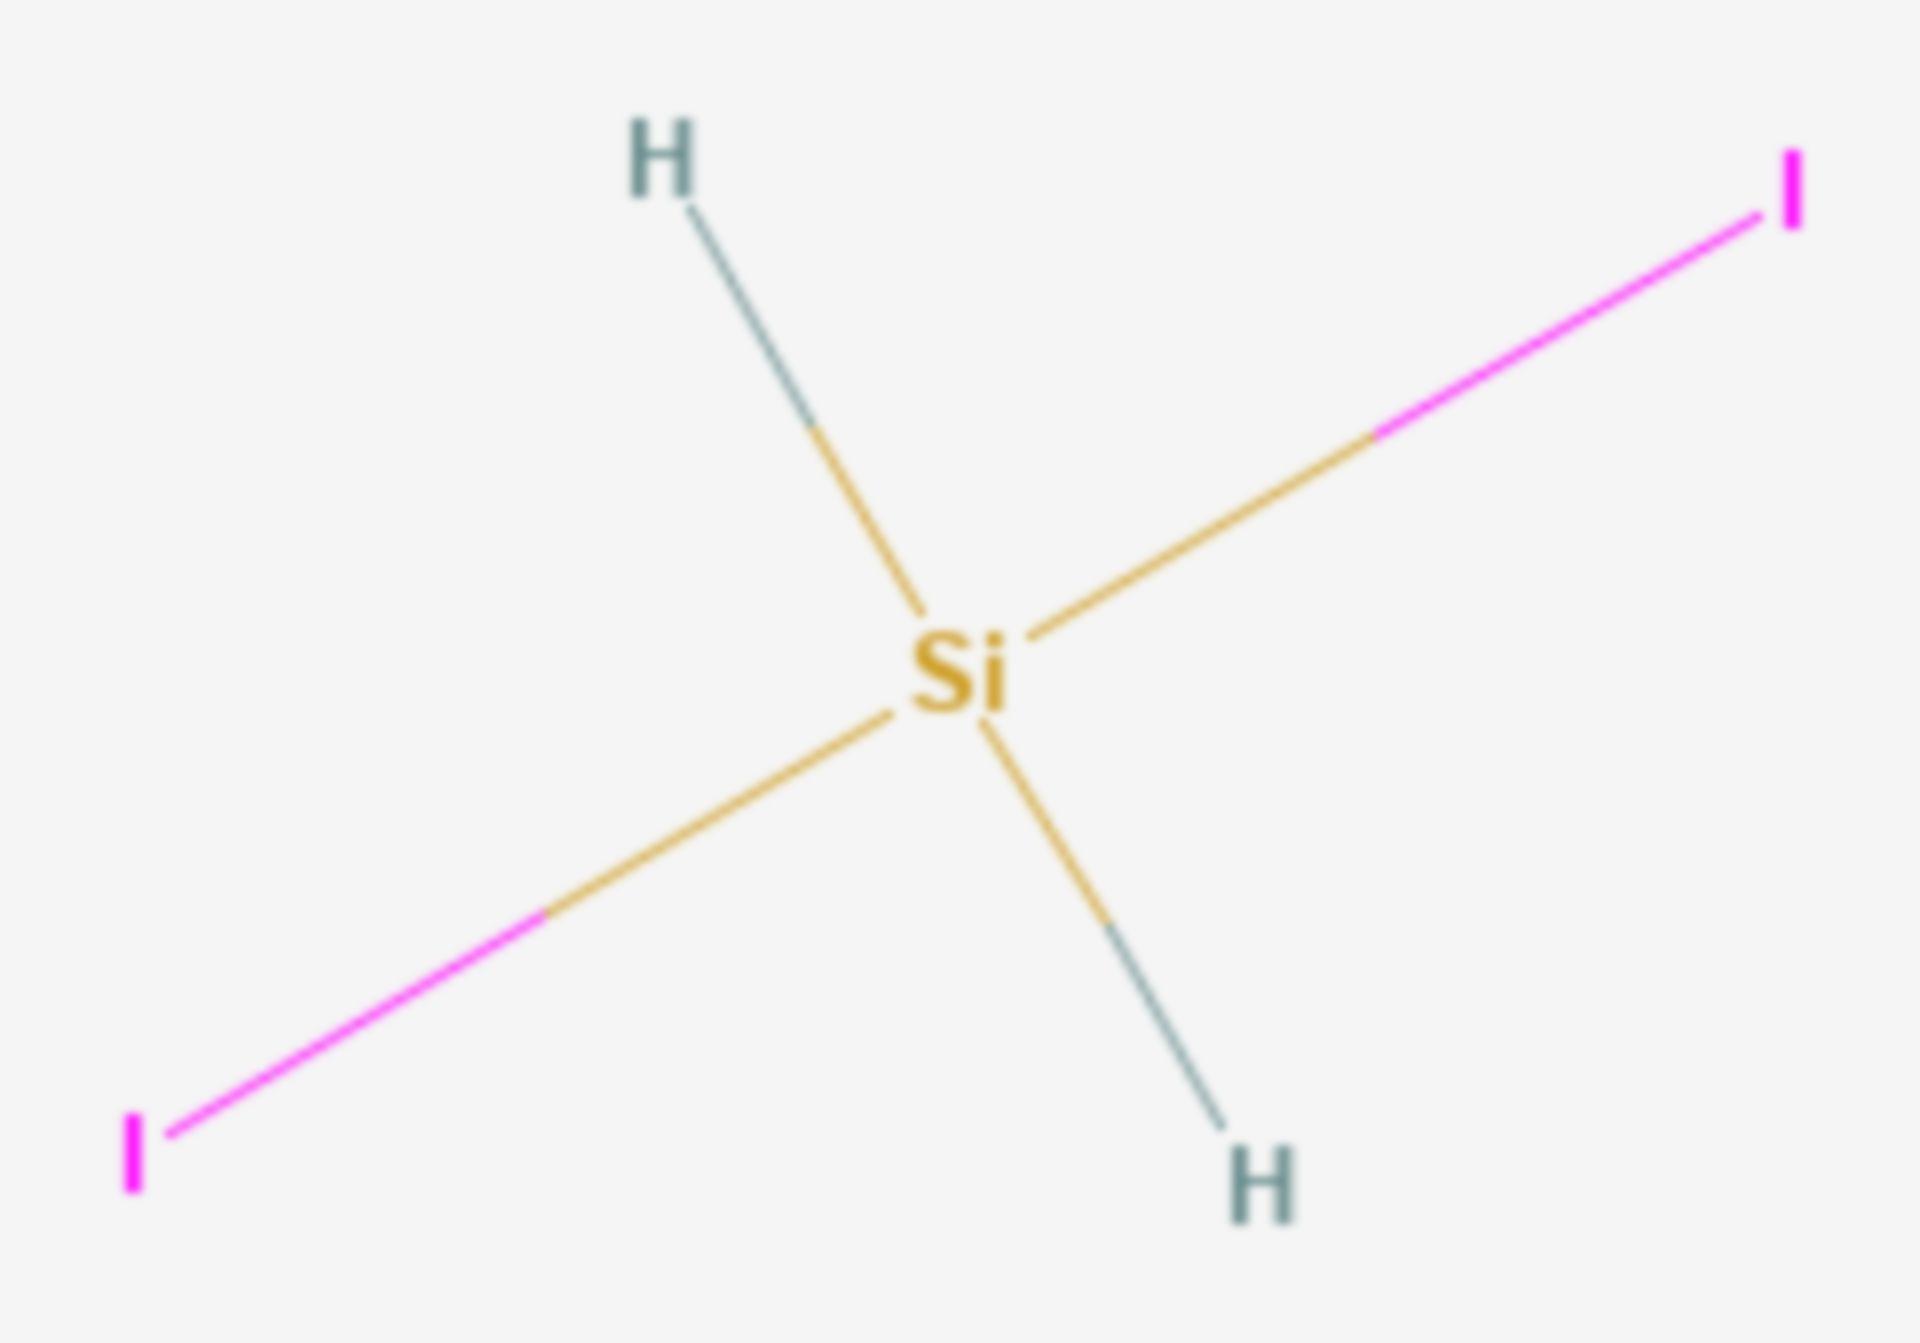 Diiodsilan (Strukturformel)